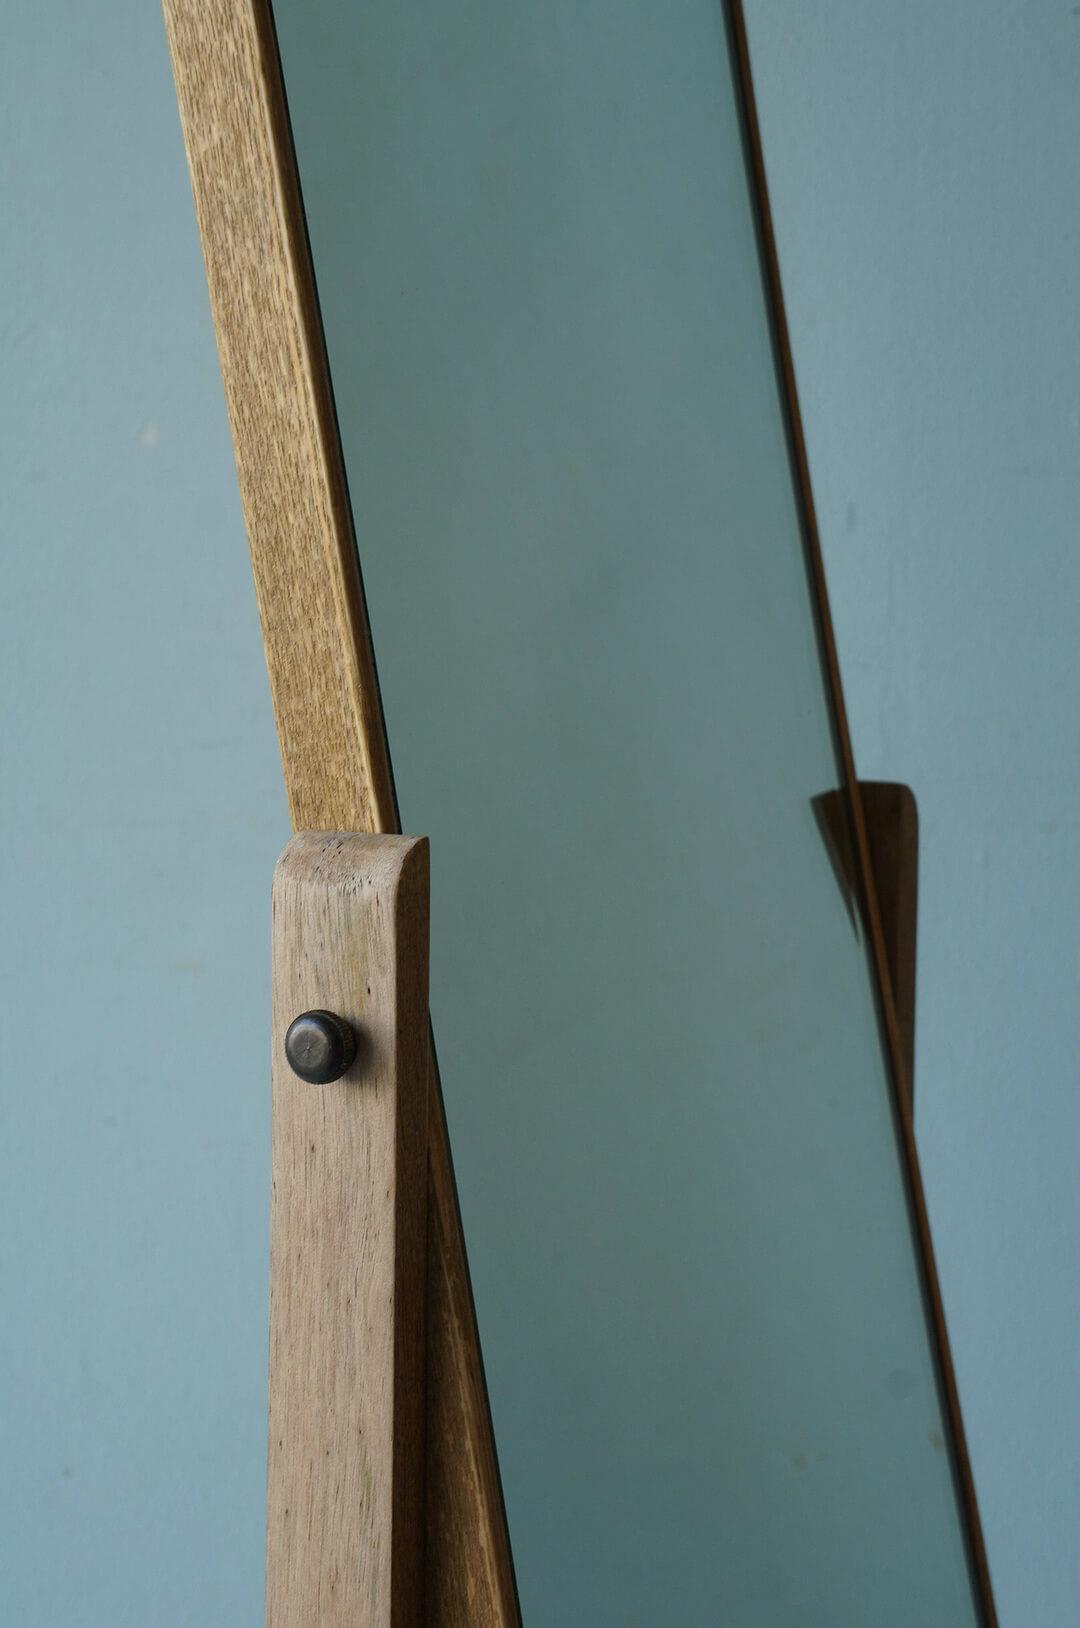 Japanese Vintage Wooden Stand Mirror/ジャパンヴィンテージ 姿見 スタンドミラー 鏡 昭和レトロ インテリア